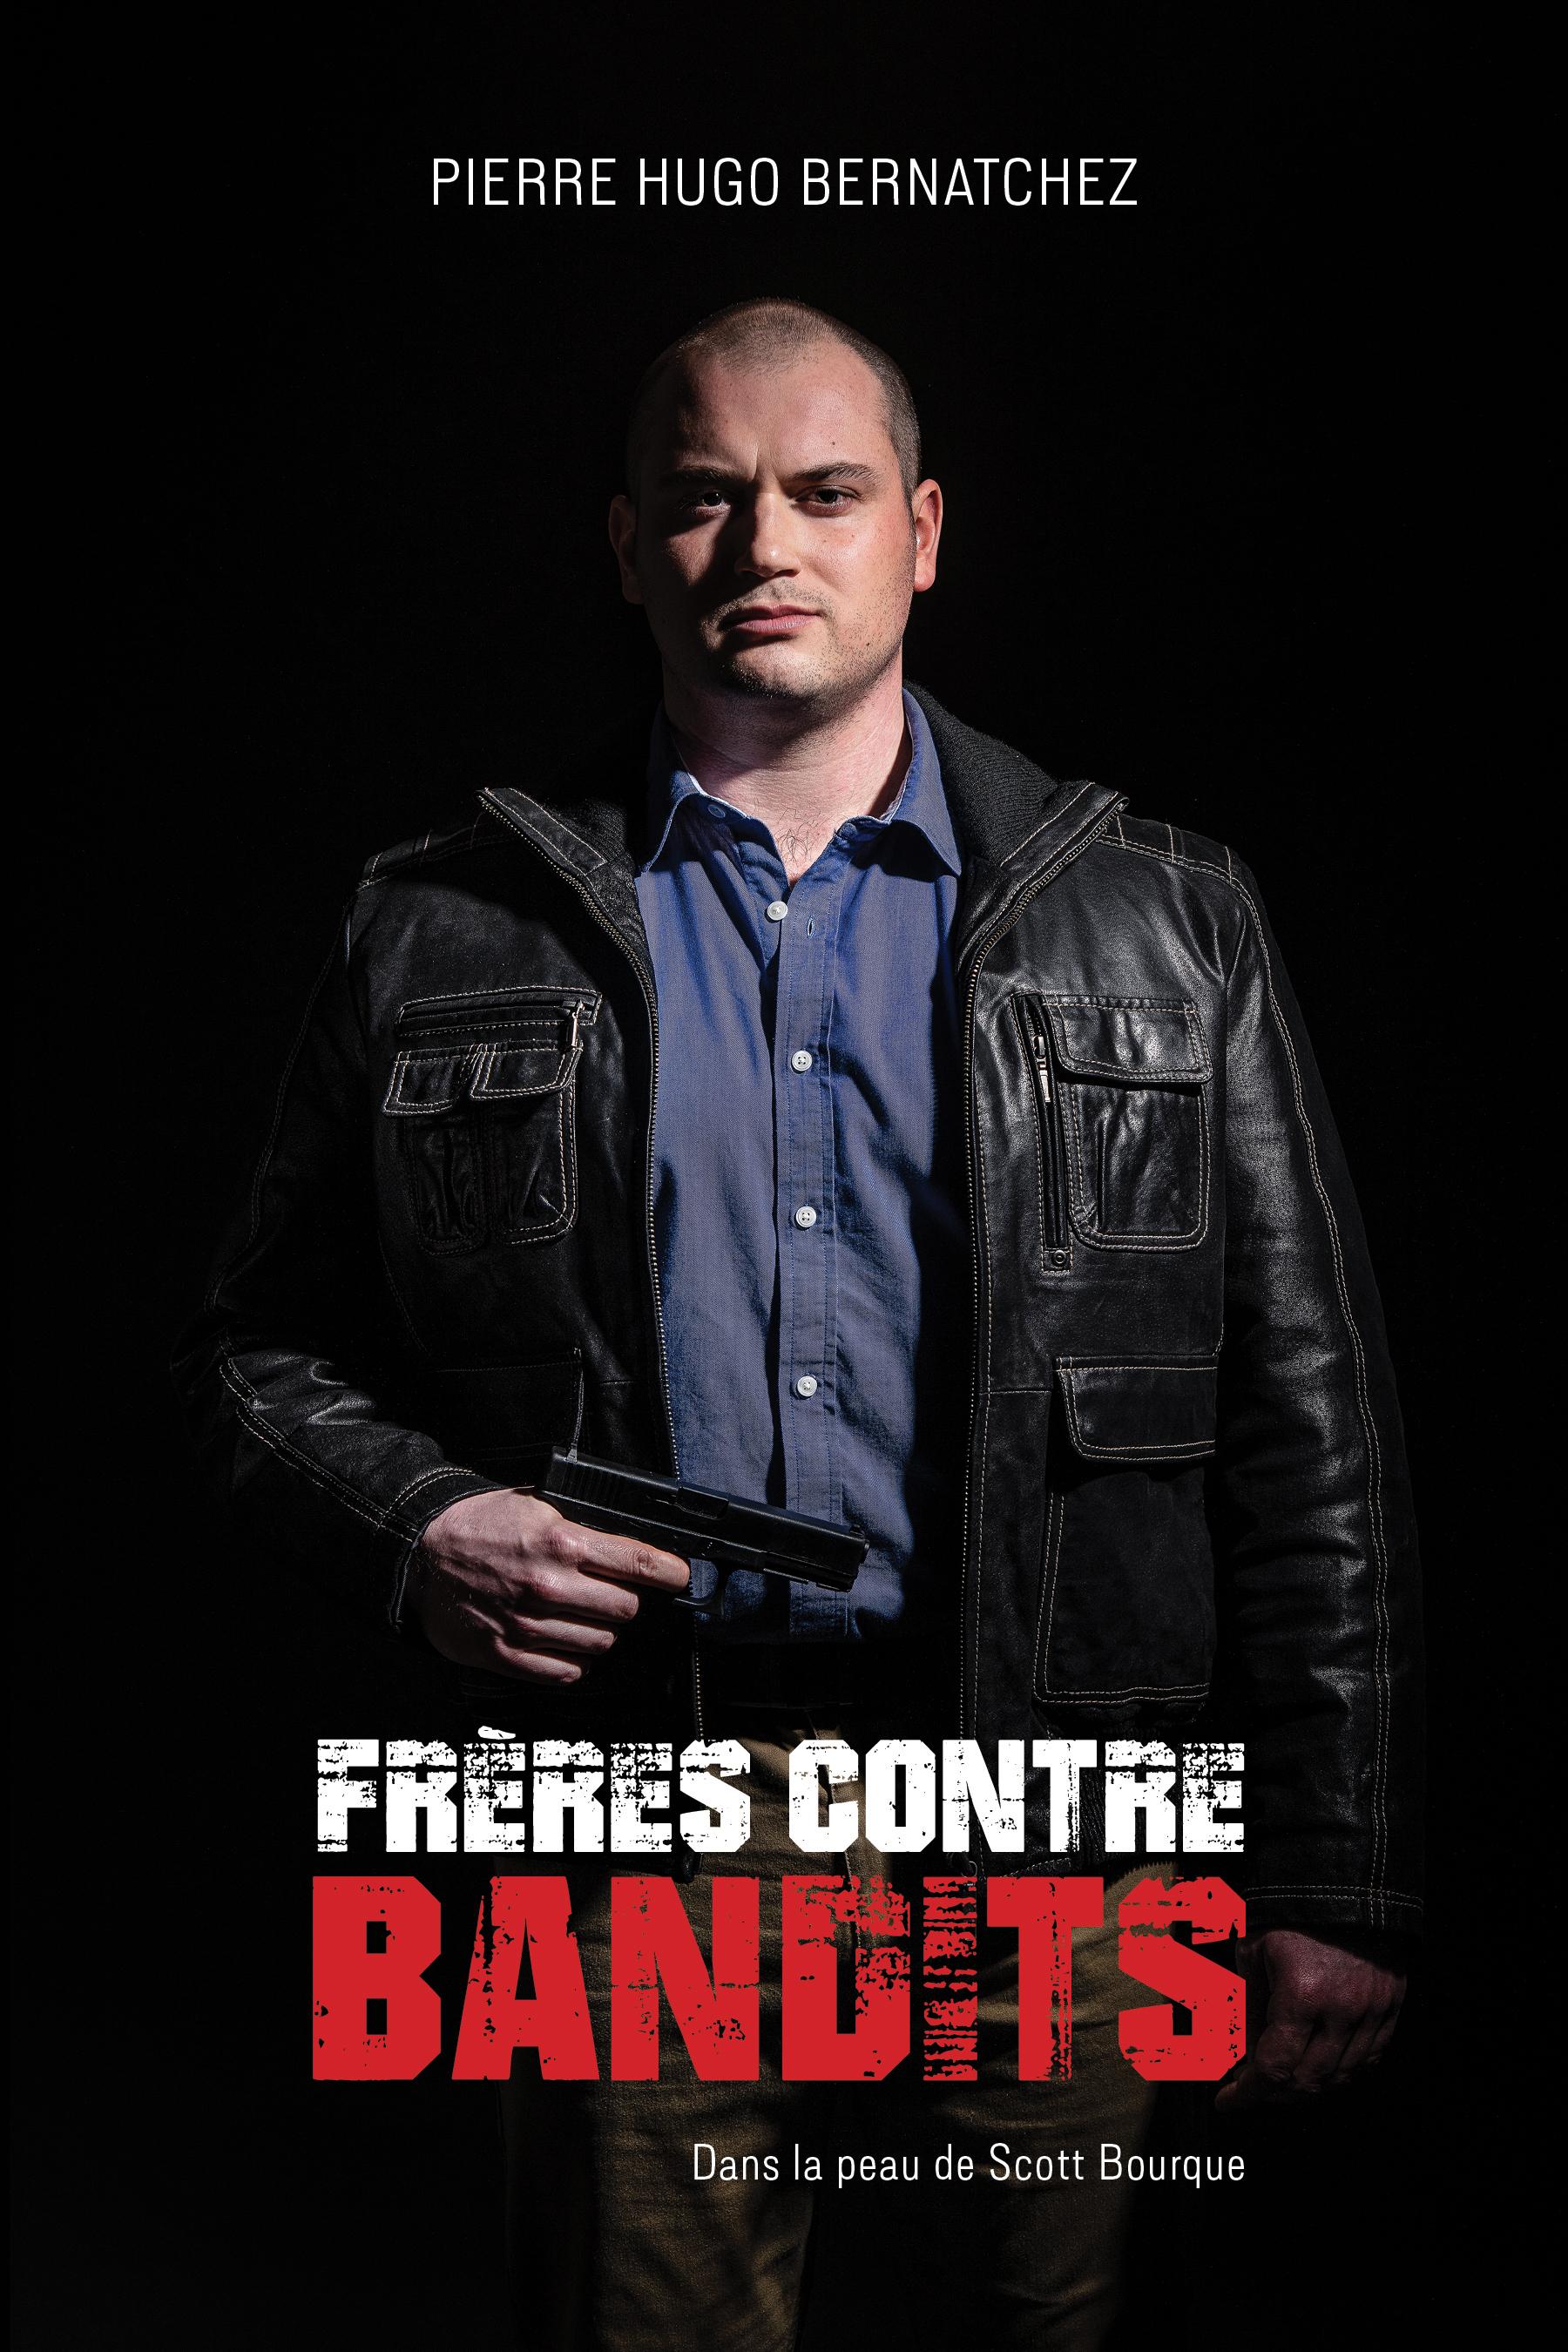 Le Rimouskois Pierre Hugo Bernatchez a annoncé sur les réseaux sociaux, aujourd'hui, la sortie de son roman policier « Frères contre bandits ».